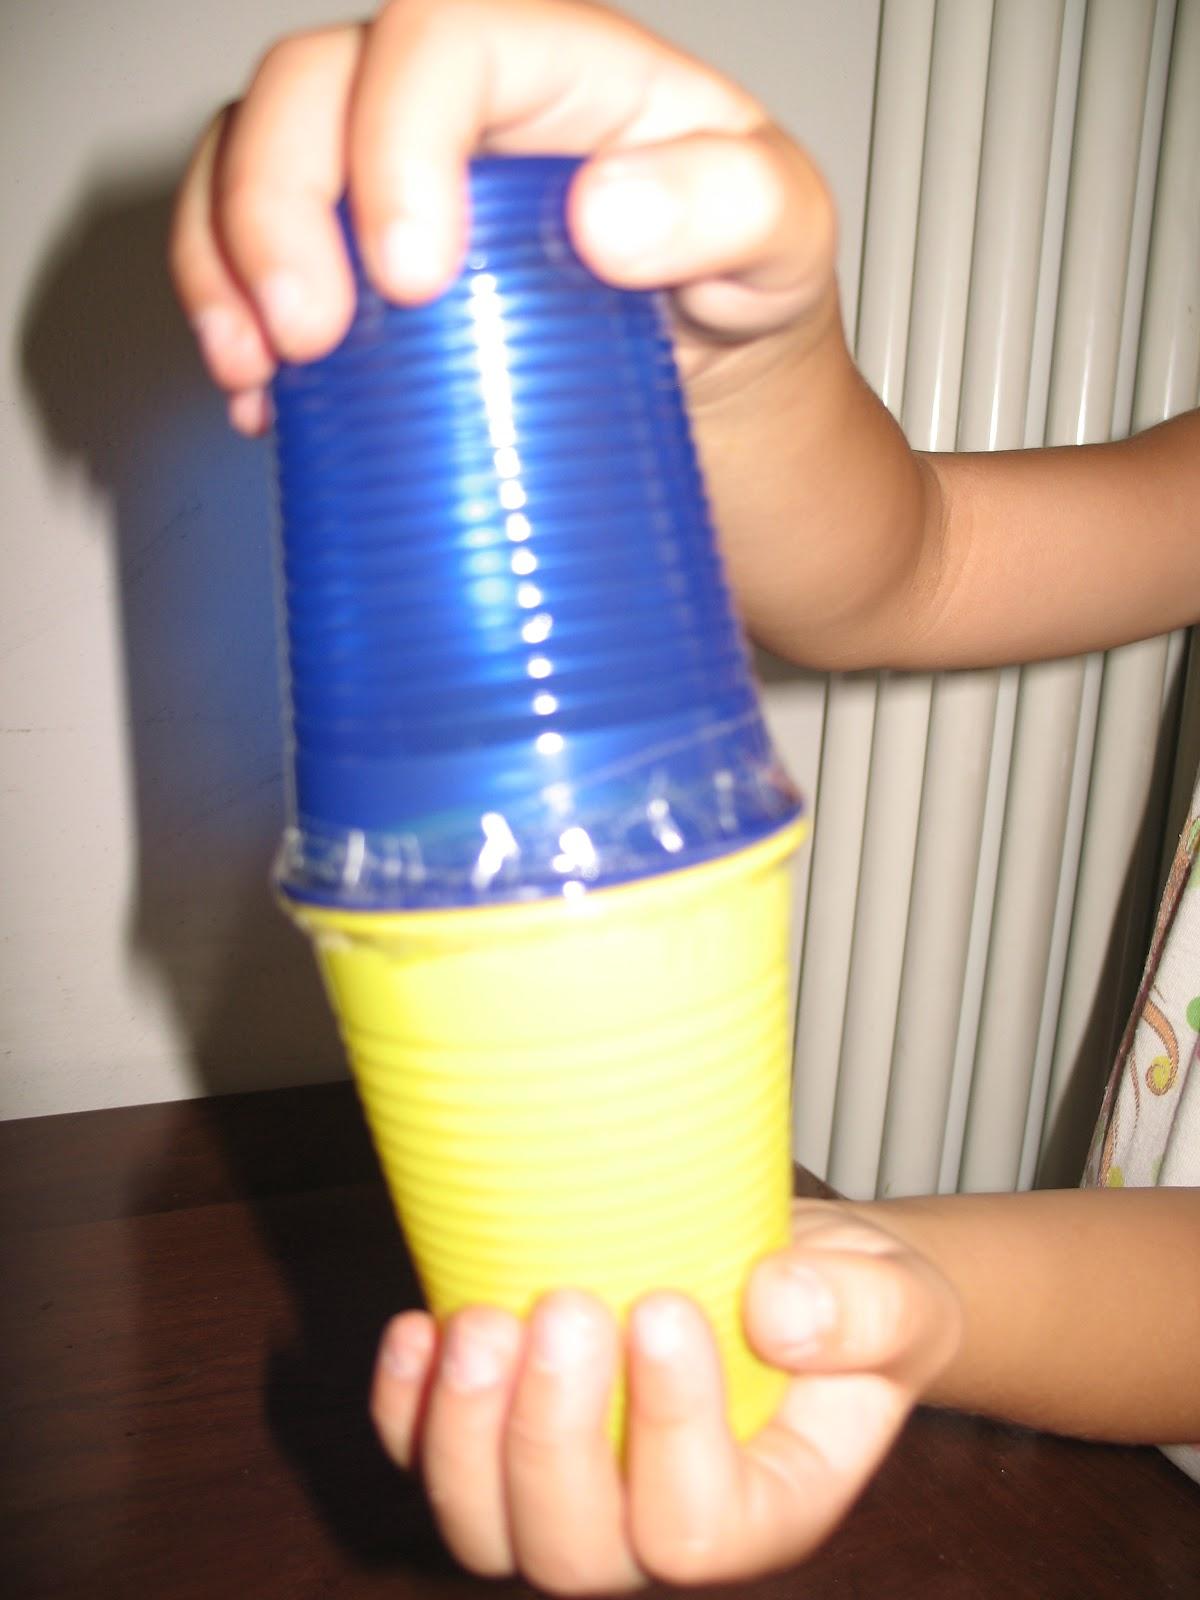 Mamma che giochi se fuori nevica 15 idee da realizzare in casa con i bambini - Casa plastica per bambini ...